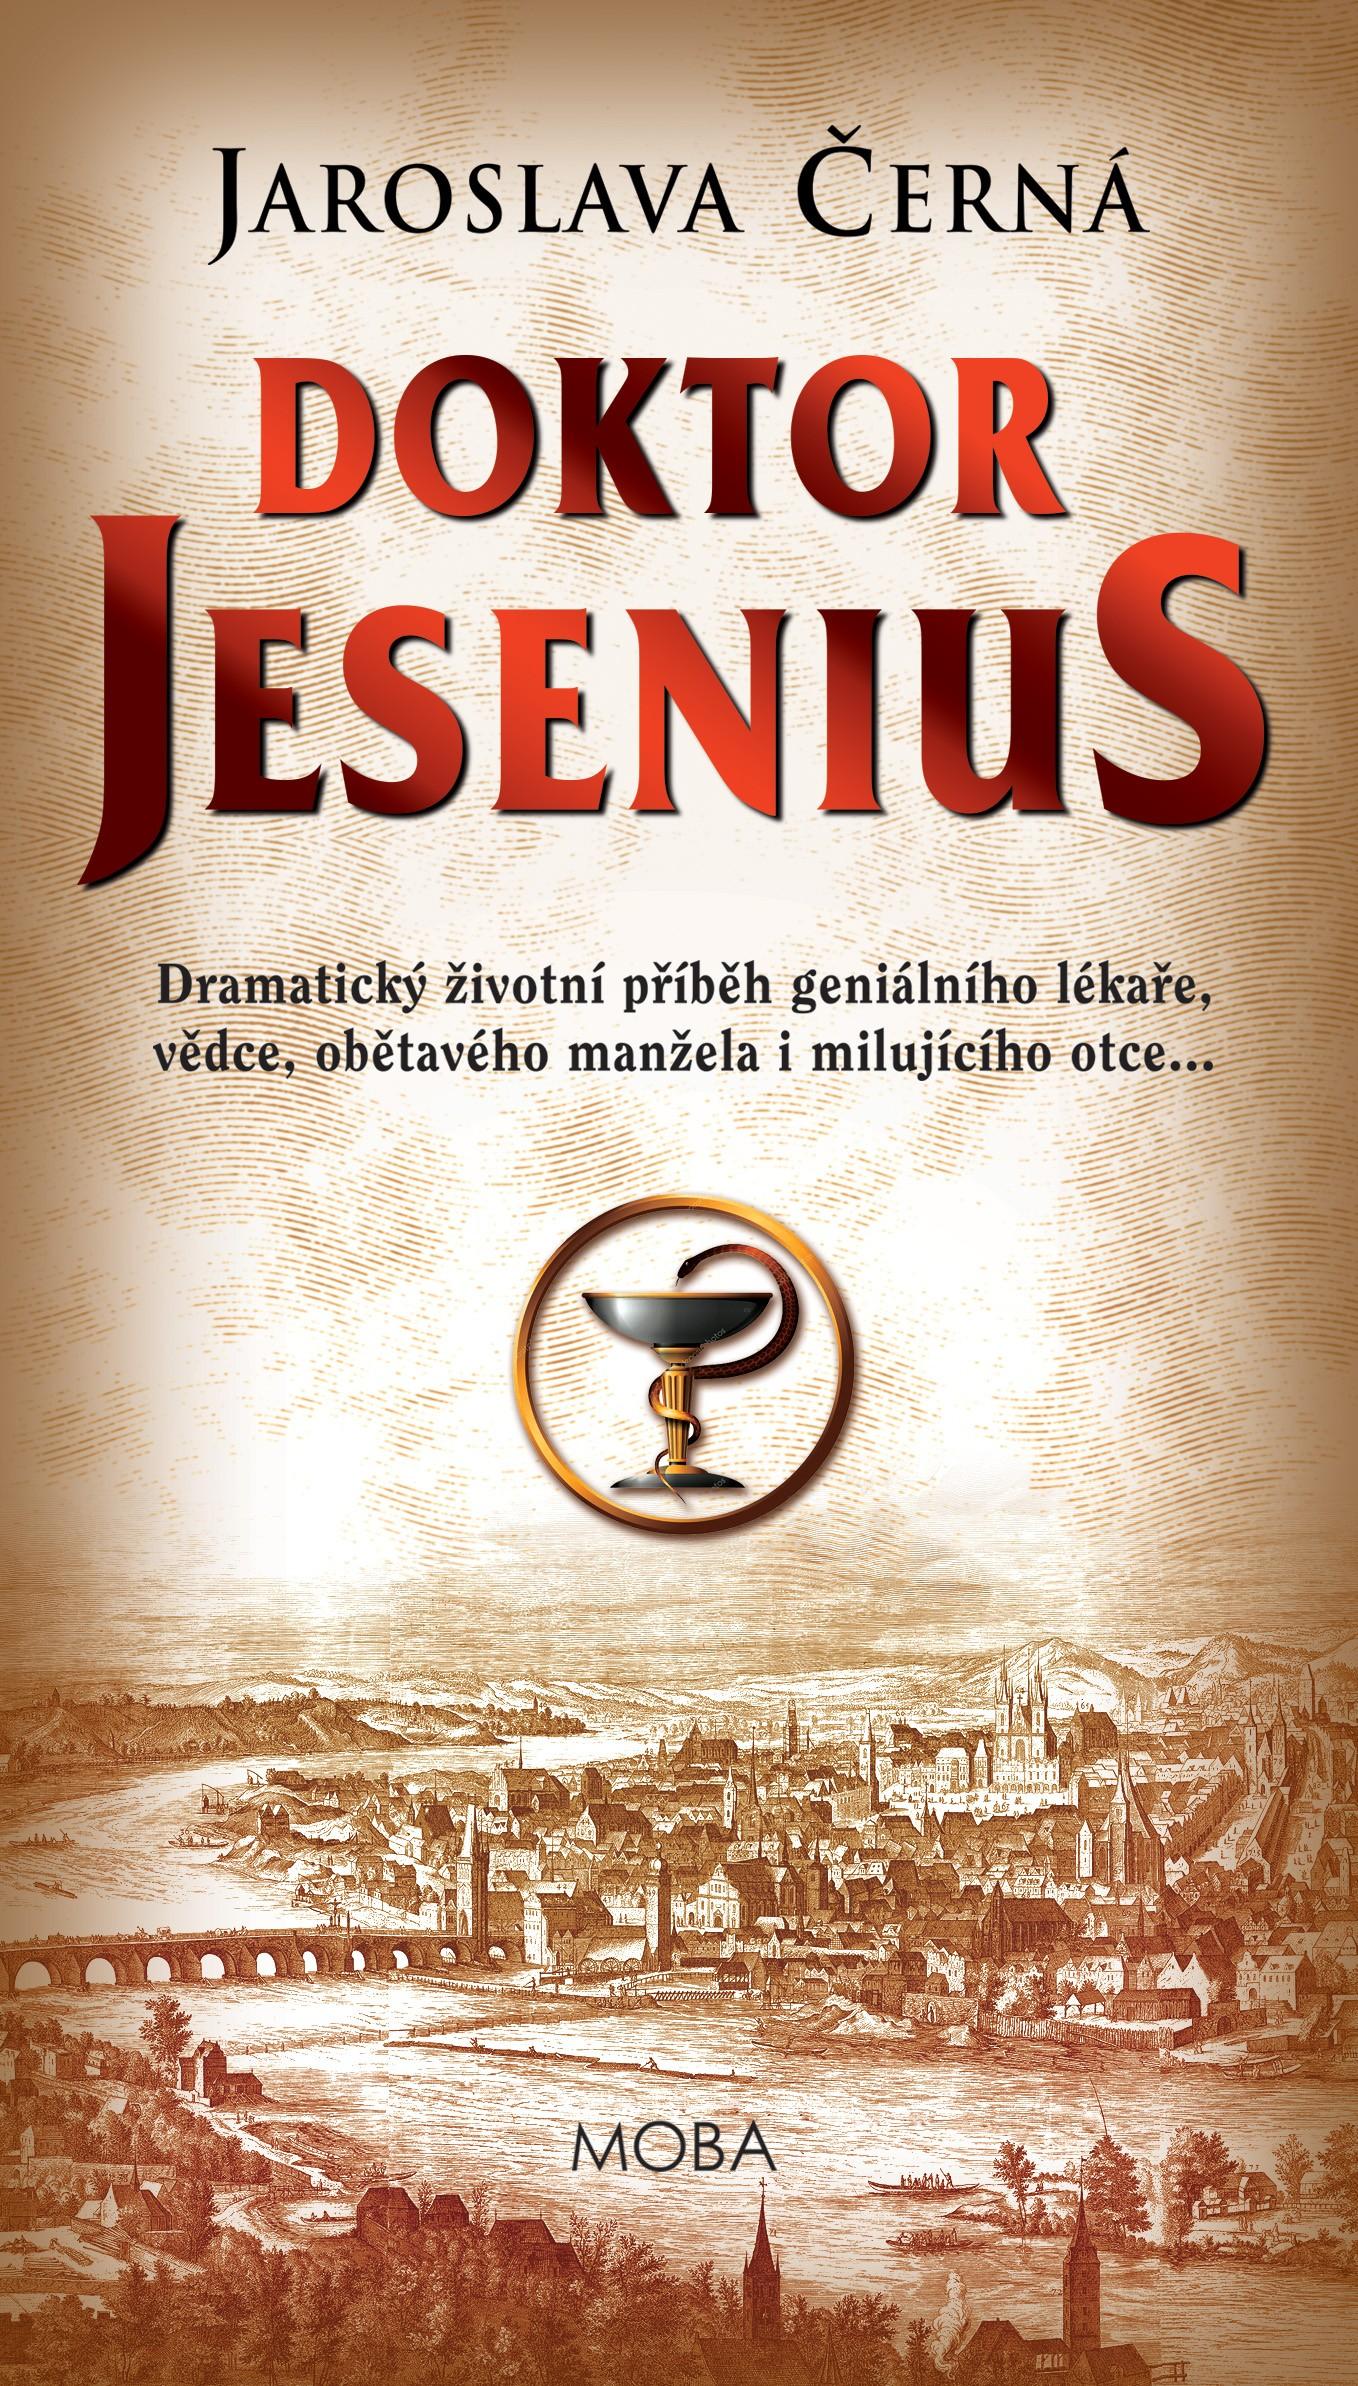 Doktor_Jesenius